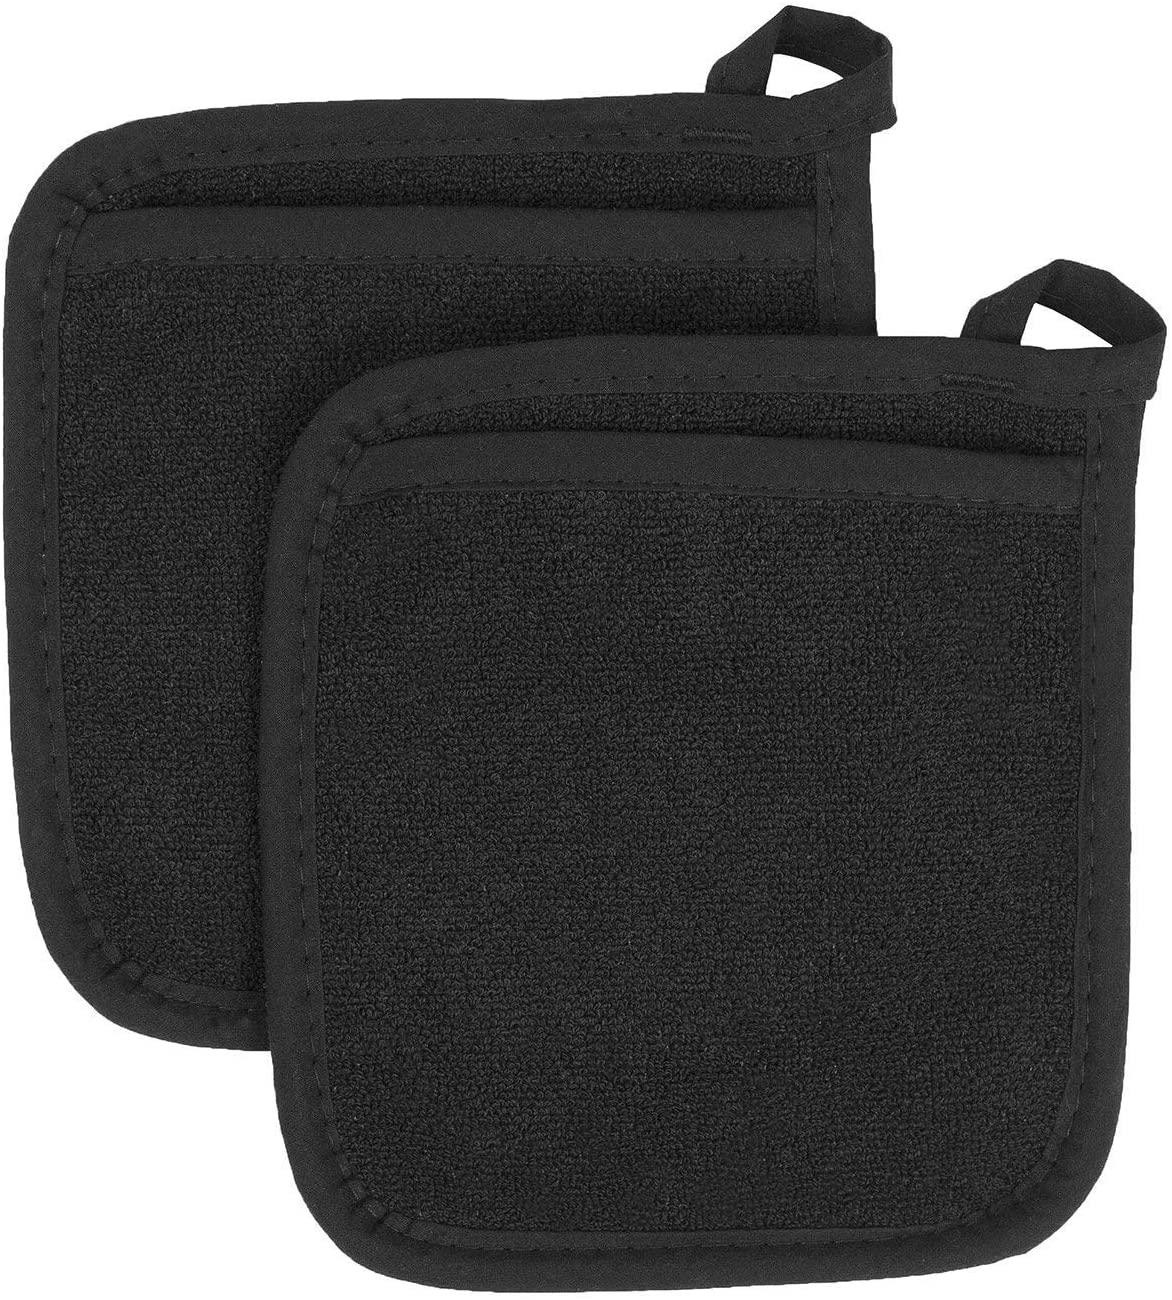 AZ COLLECTION 100% Cotton Terry Cloth Pot Holder Set, Kitchen Hot Pad Heat-Resistant (5, Black)